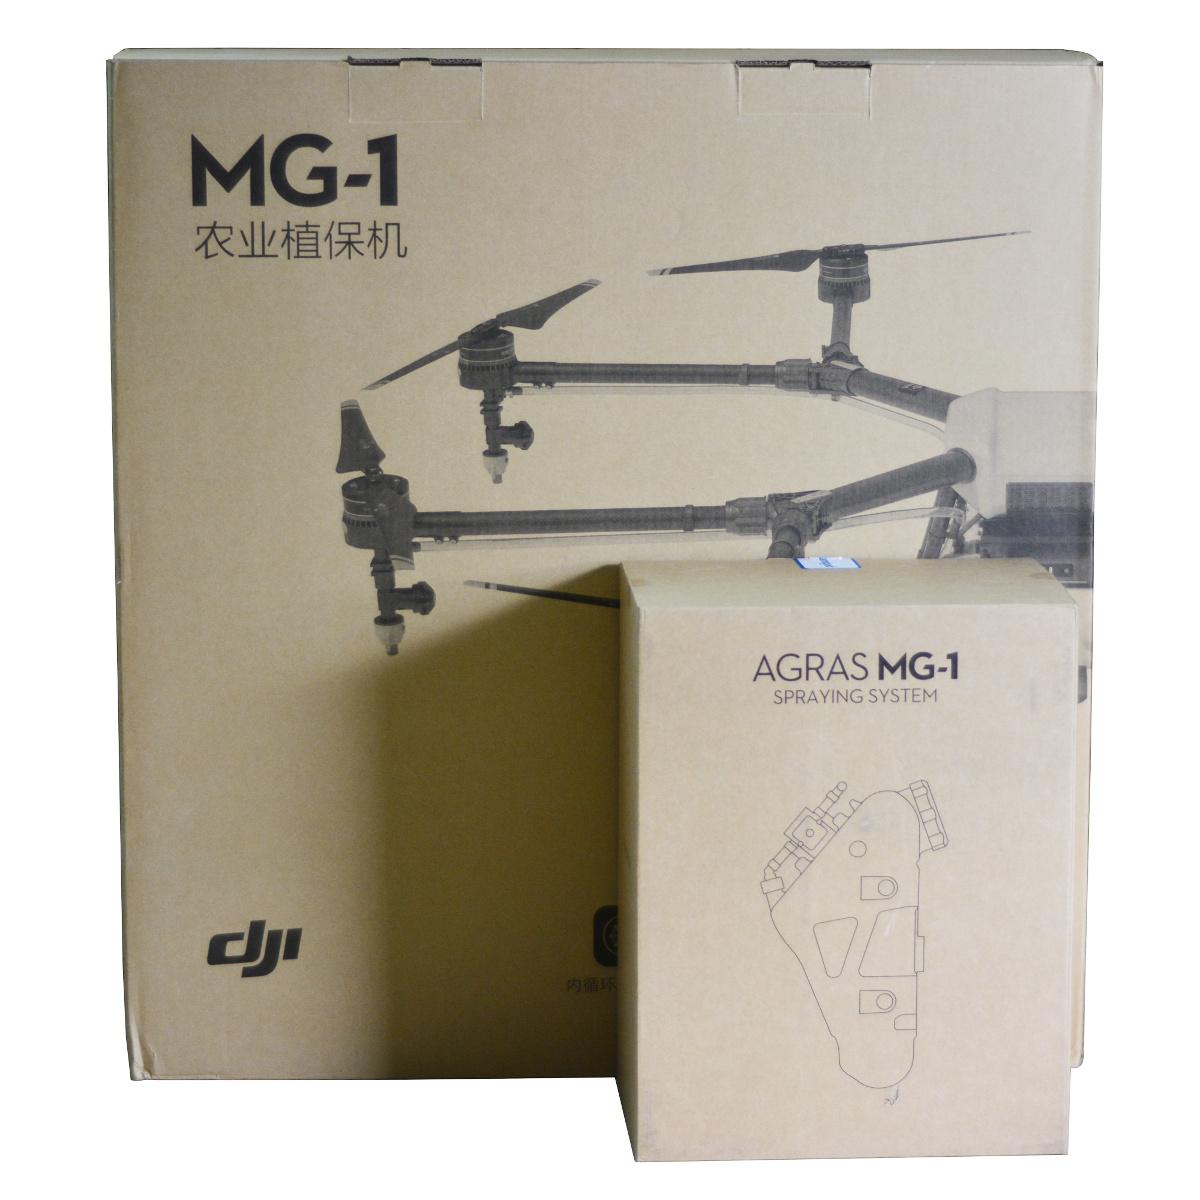 大疆 DJI MG-1 农业植保机 无人机 整机 含遥控器 喷洒系统 全新